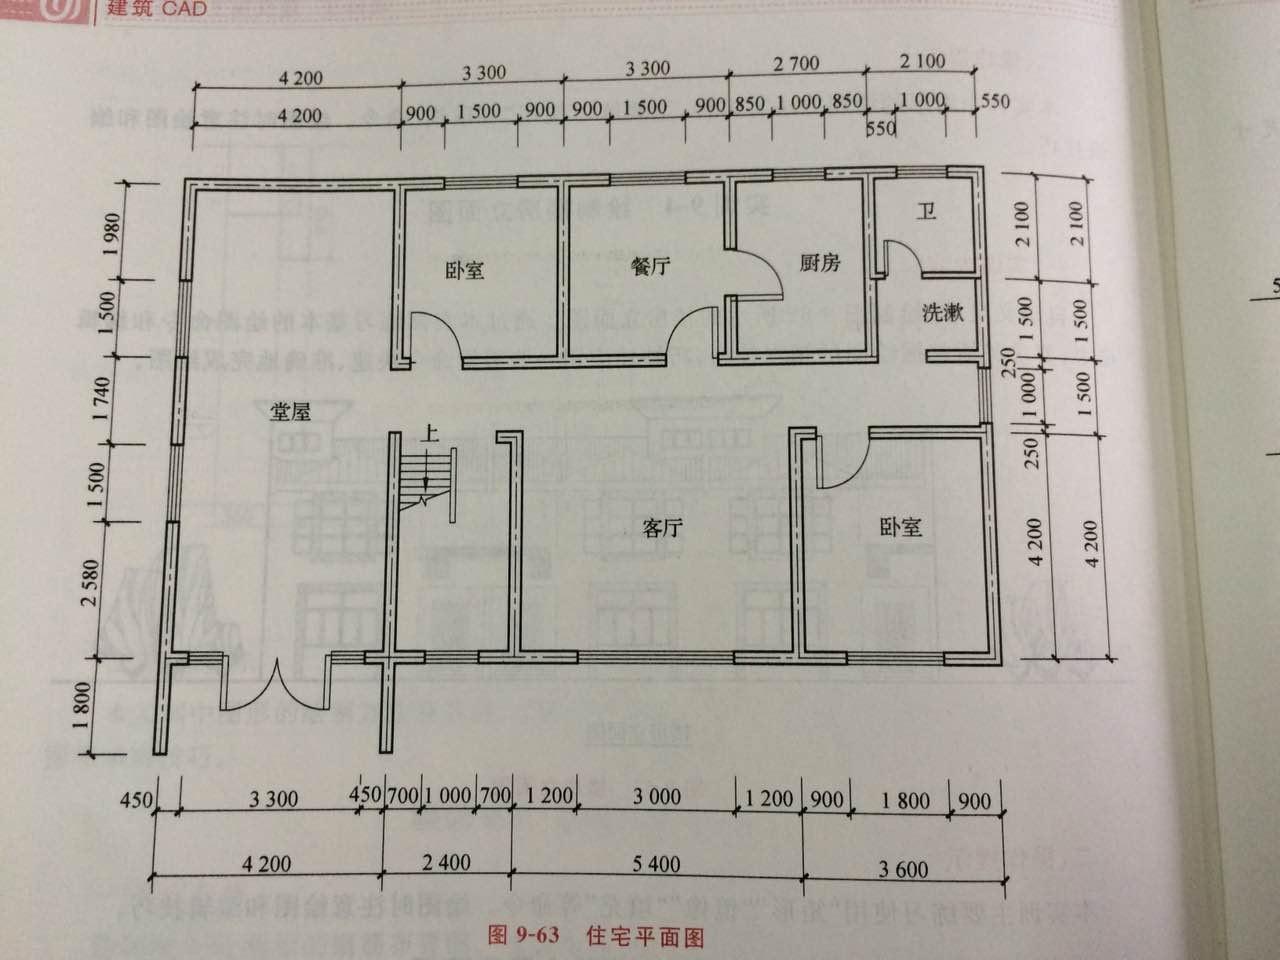 建筑cad 绘制房屋平面图 用autocad 2007 - 急啊!考试.图片